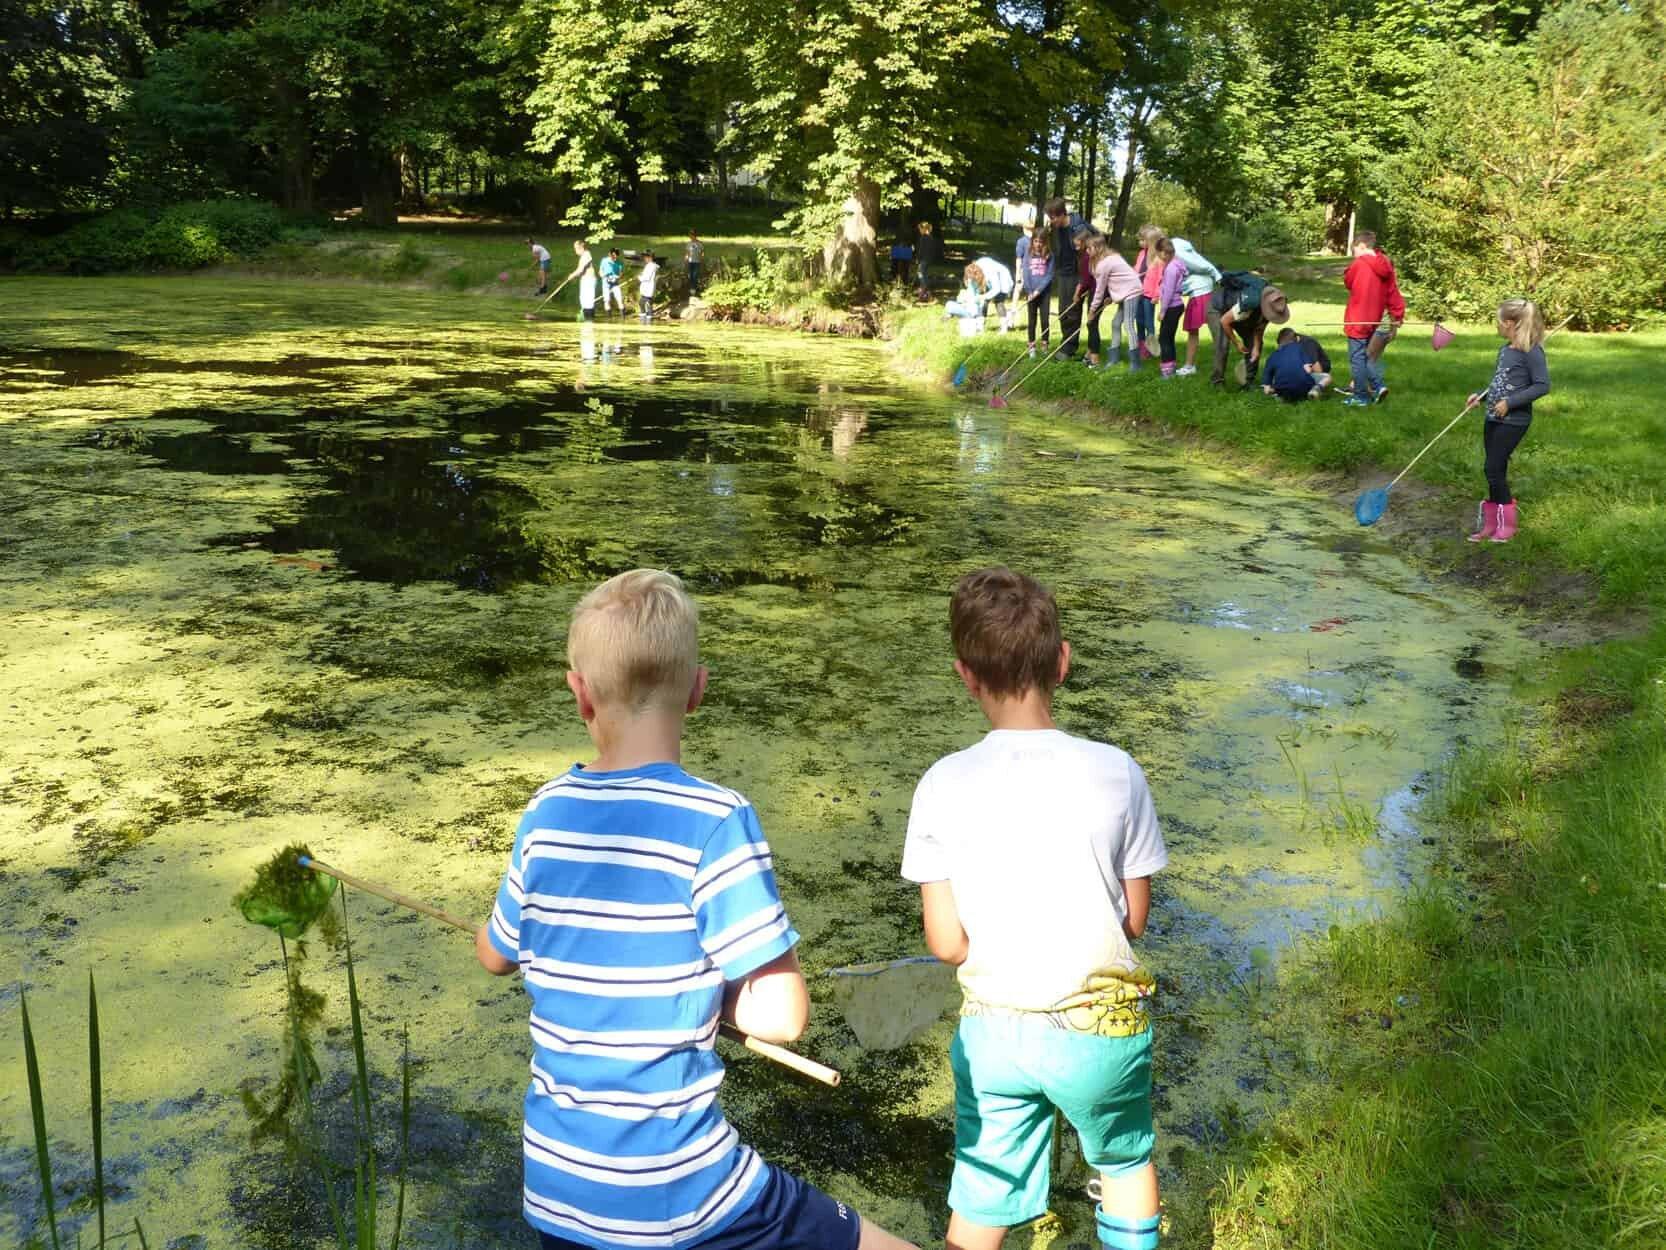 Teilnehmer des KinderFerienspaß-Biosphäre untersuchen einen Teich auf Kleinlebewesen. Foto: Frank Hermann